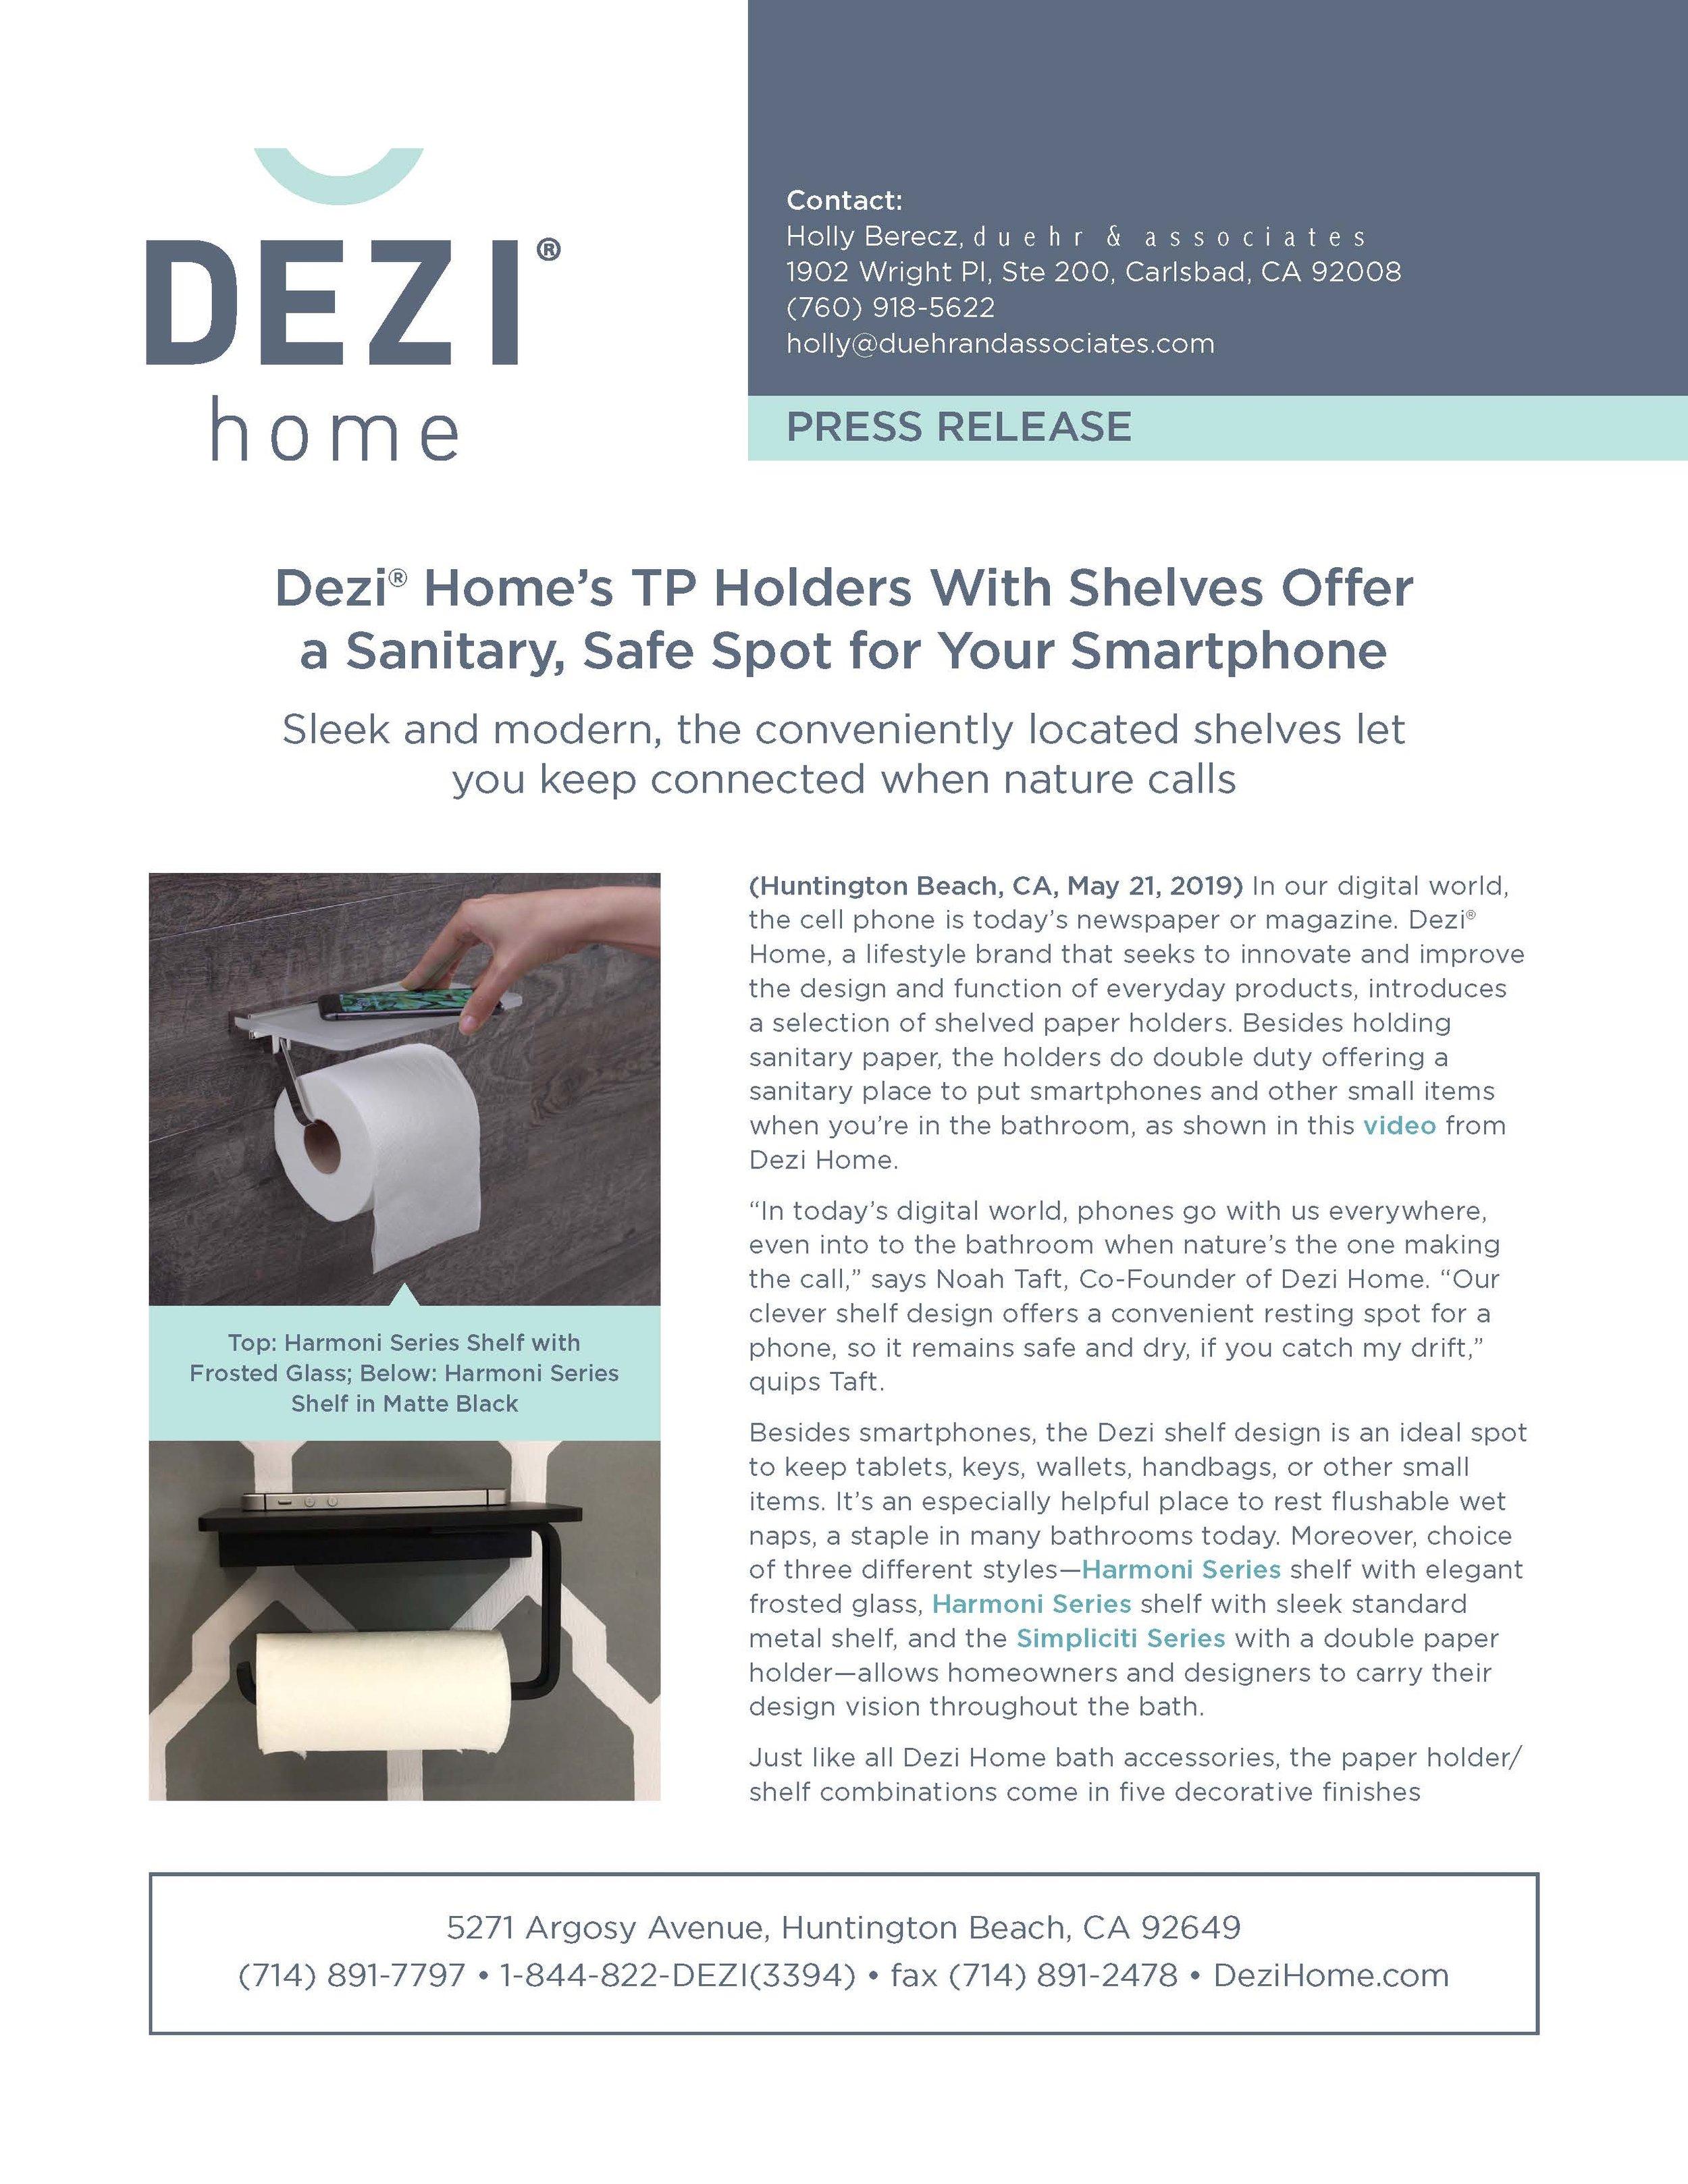 Dezi Home Press Release